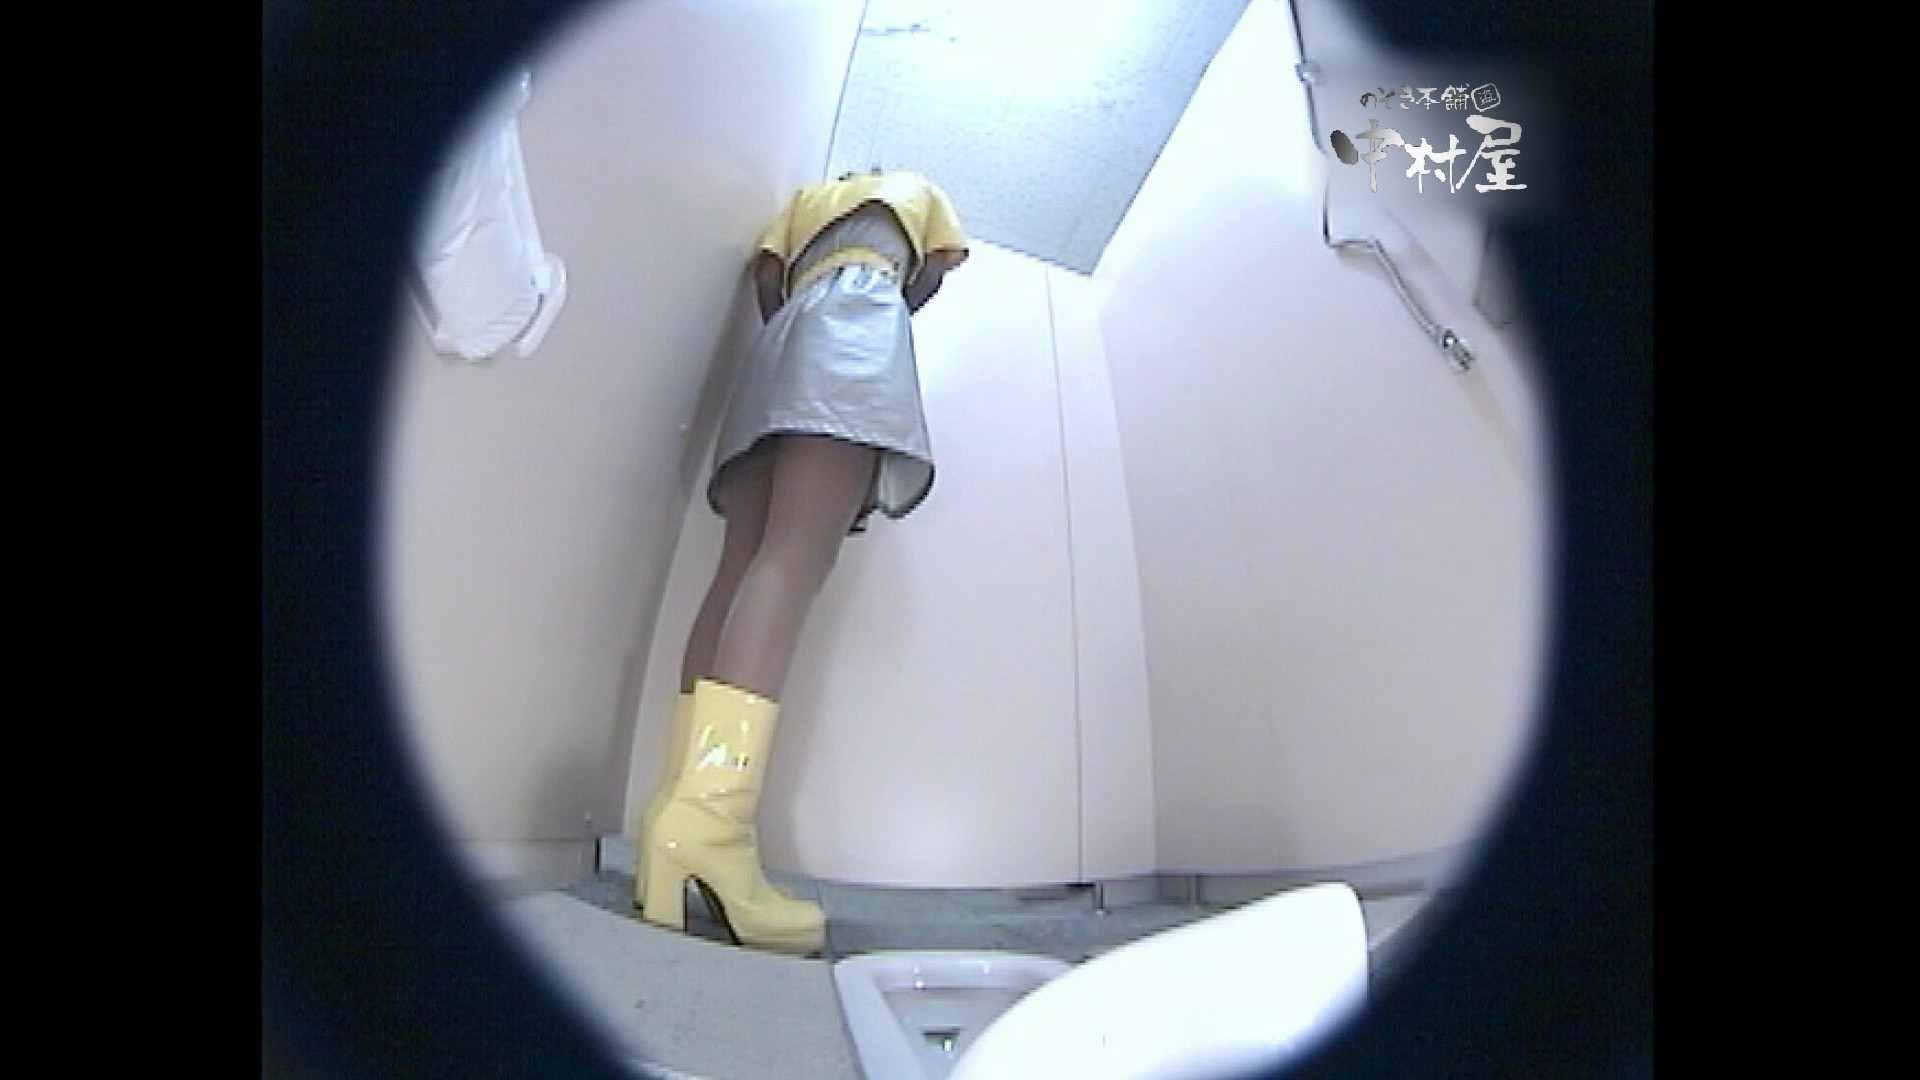 レースクィーントイレ盗撮!Vol.17 トイレ のぞき濡れ場動画紹介 100画像 6